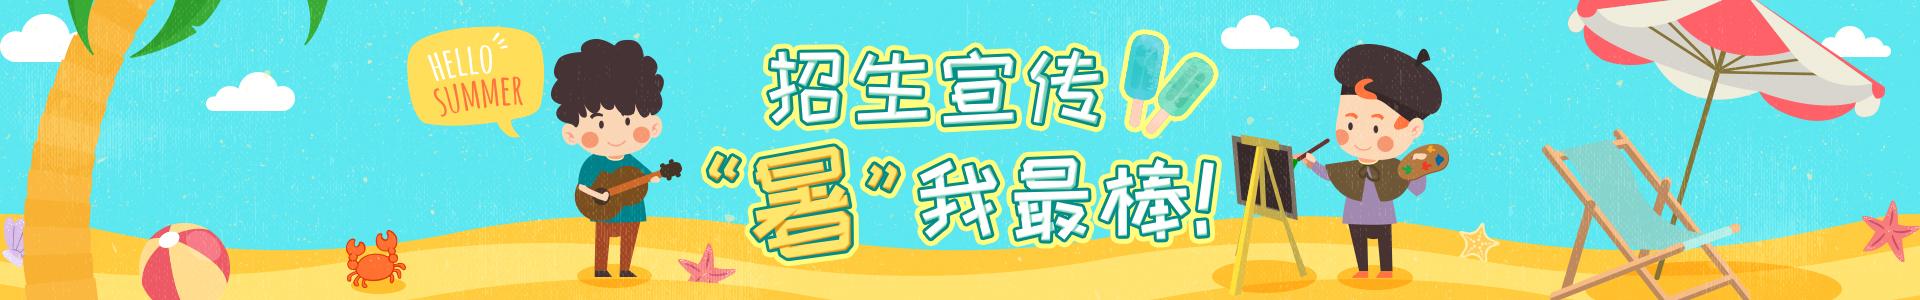 暑假班| 夏令营|兴趣班|辅导班|幼儿园招生_教育培训机构必备